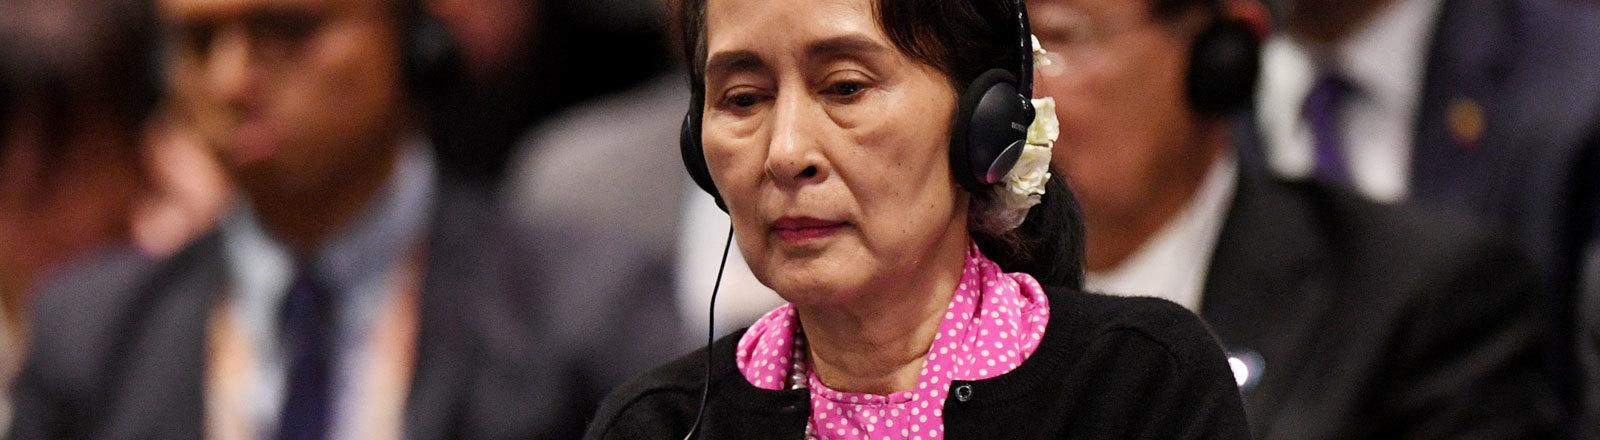 Aung San Suu Kyi nimmt an einem Treffen der ASEAN-Staaten (14.11.2018) teil.